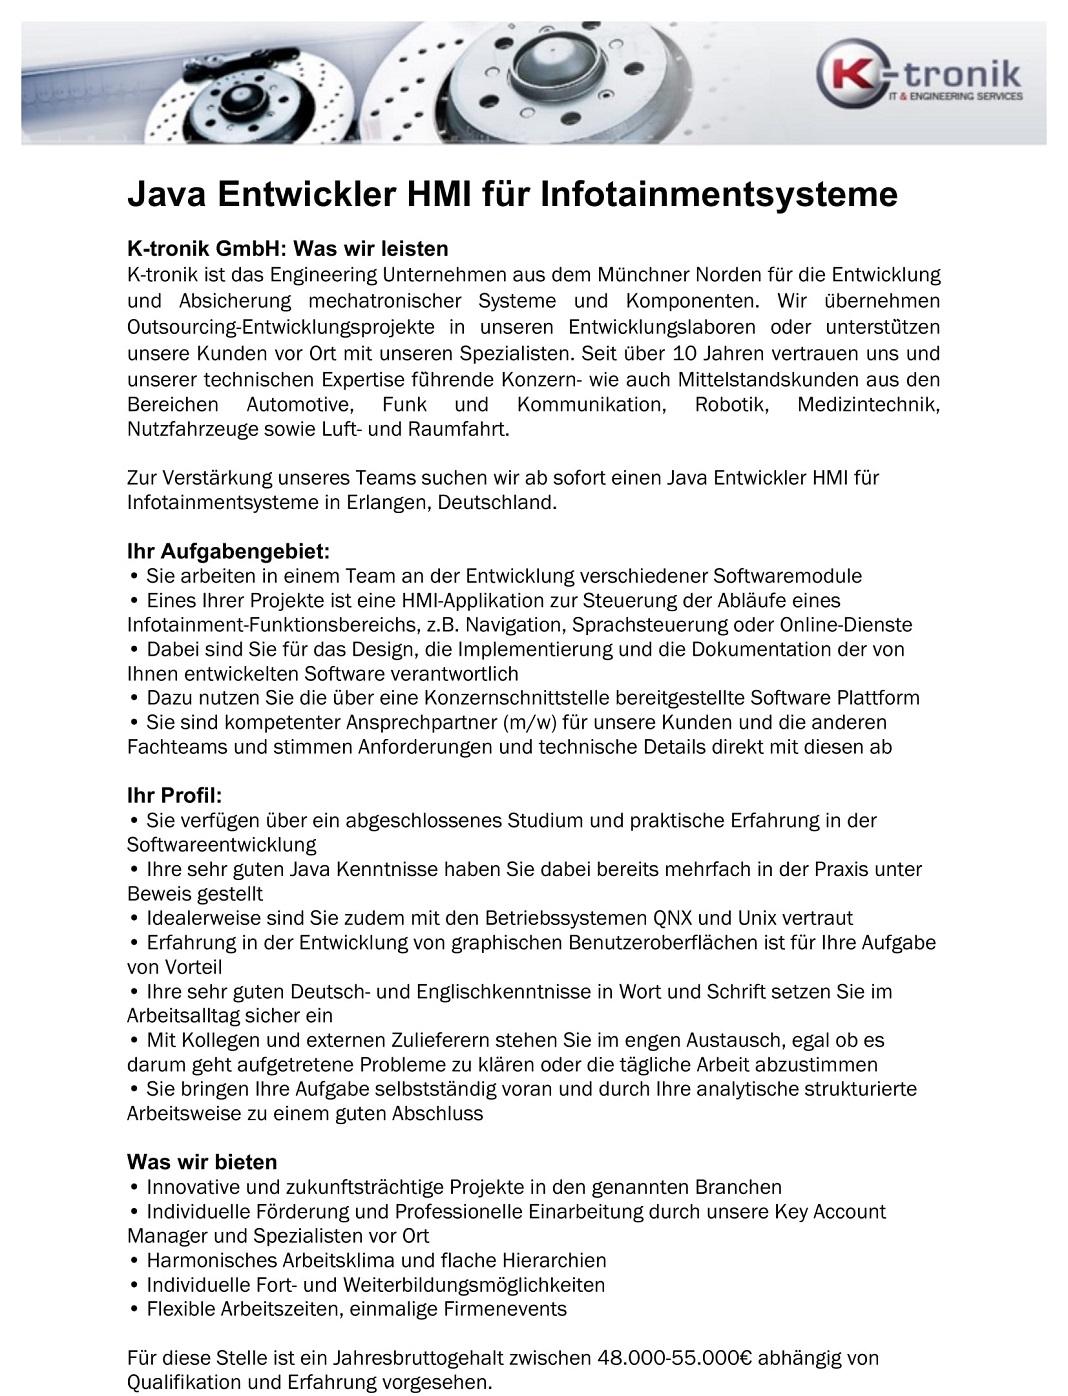 Ausgezeichnet Beispiel Lebenslauf Für Java Entwickler Frischer ...